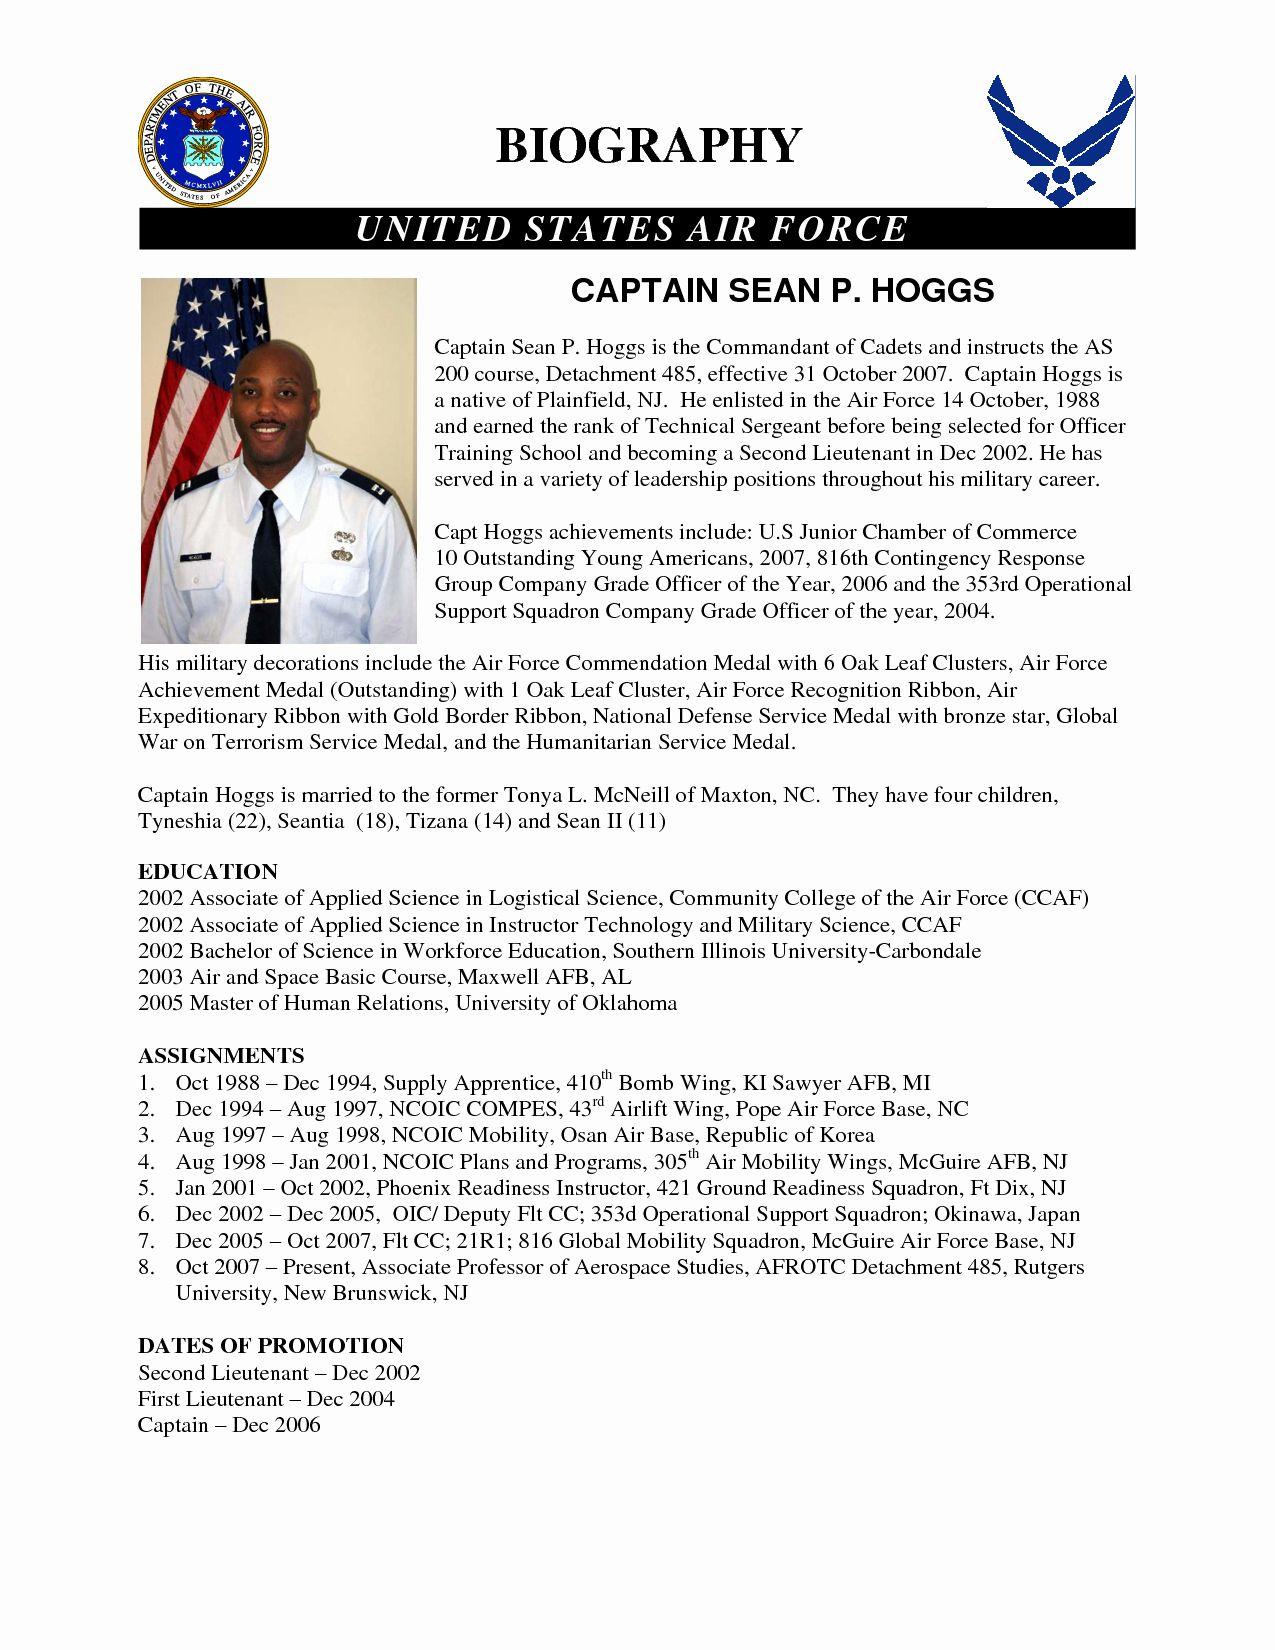 df05e1fc5b88175438bb259844522c56 - Application Letter For Cadet Officer Sample